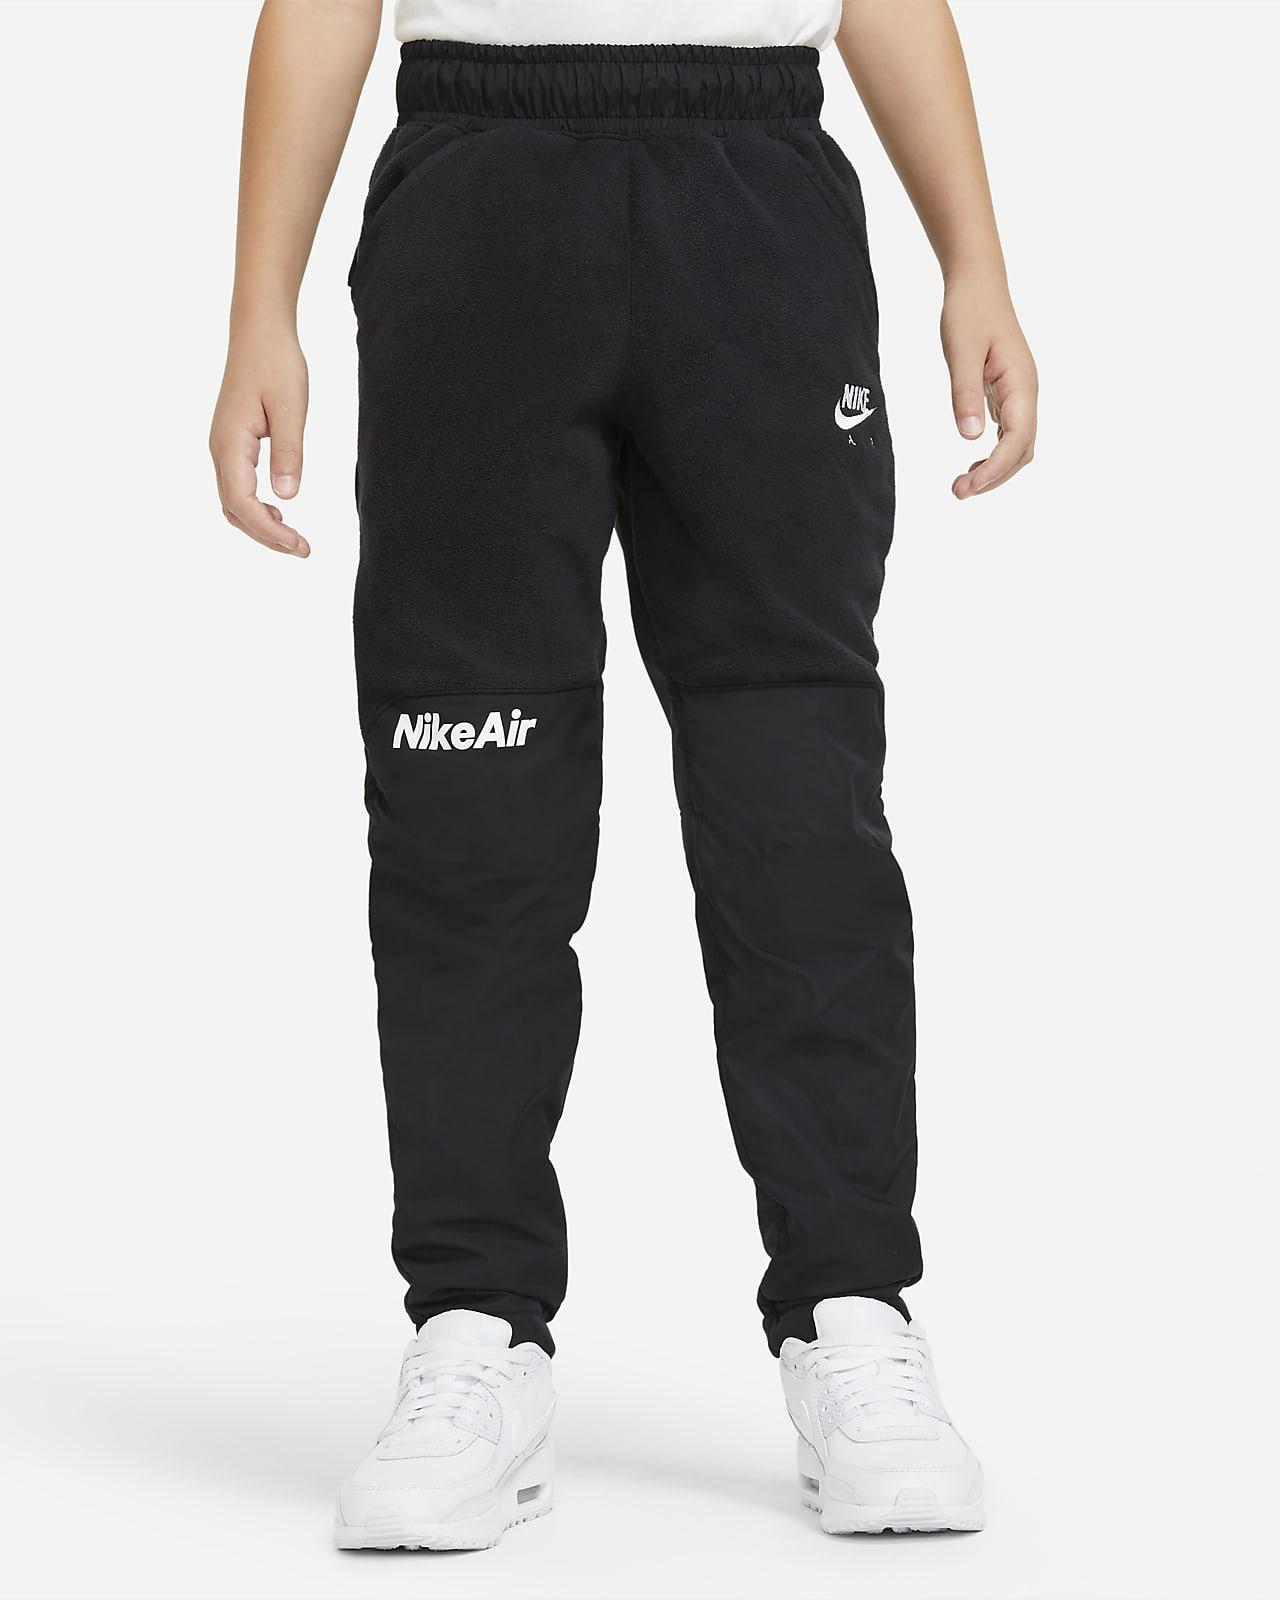 Pantaloni per l'inverno Nike Air - Ragazzo